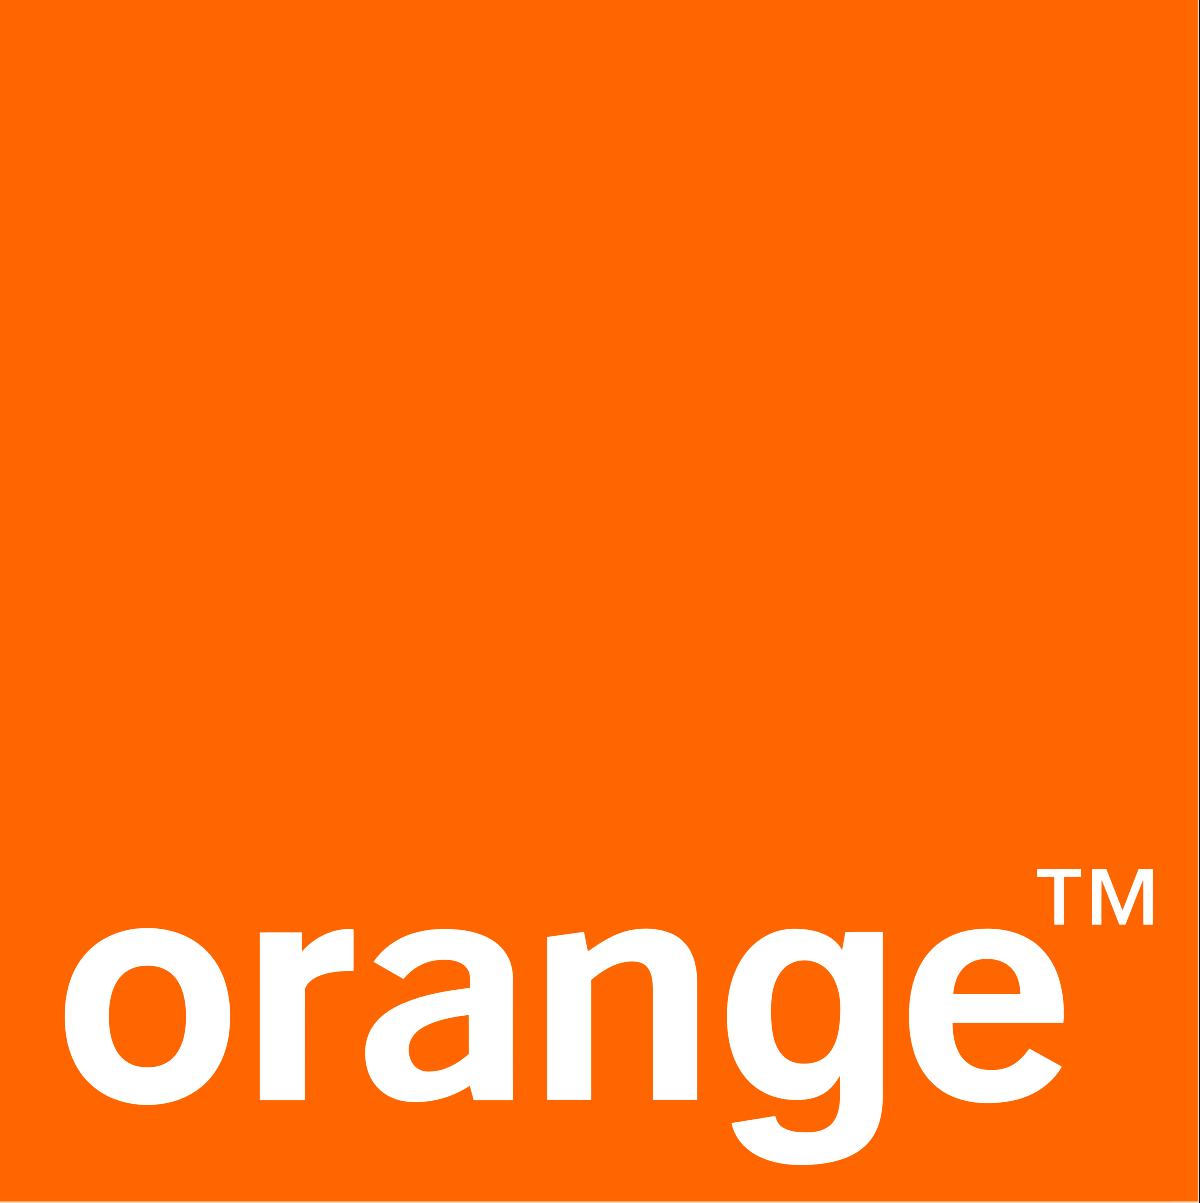 Cómo Saber mi Número de Orange